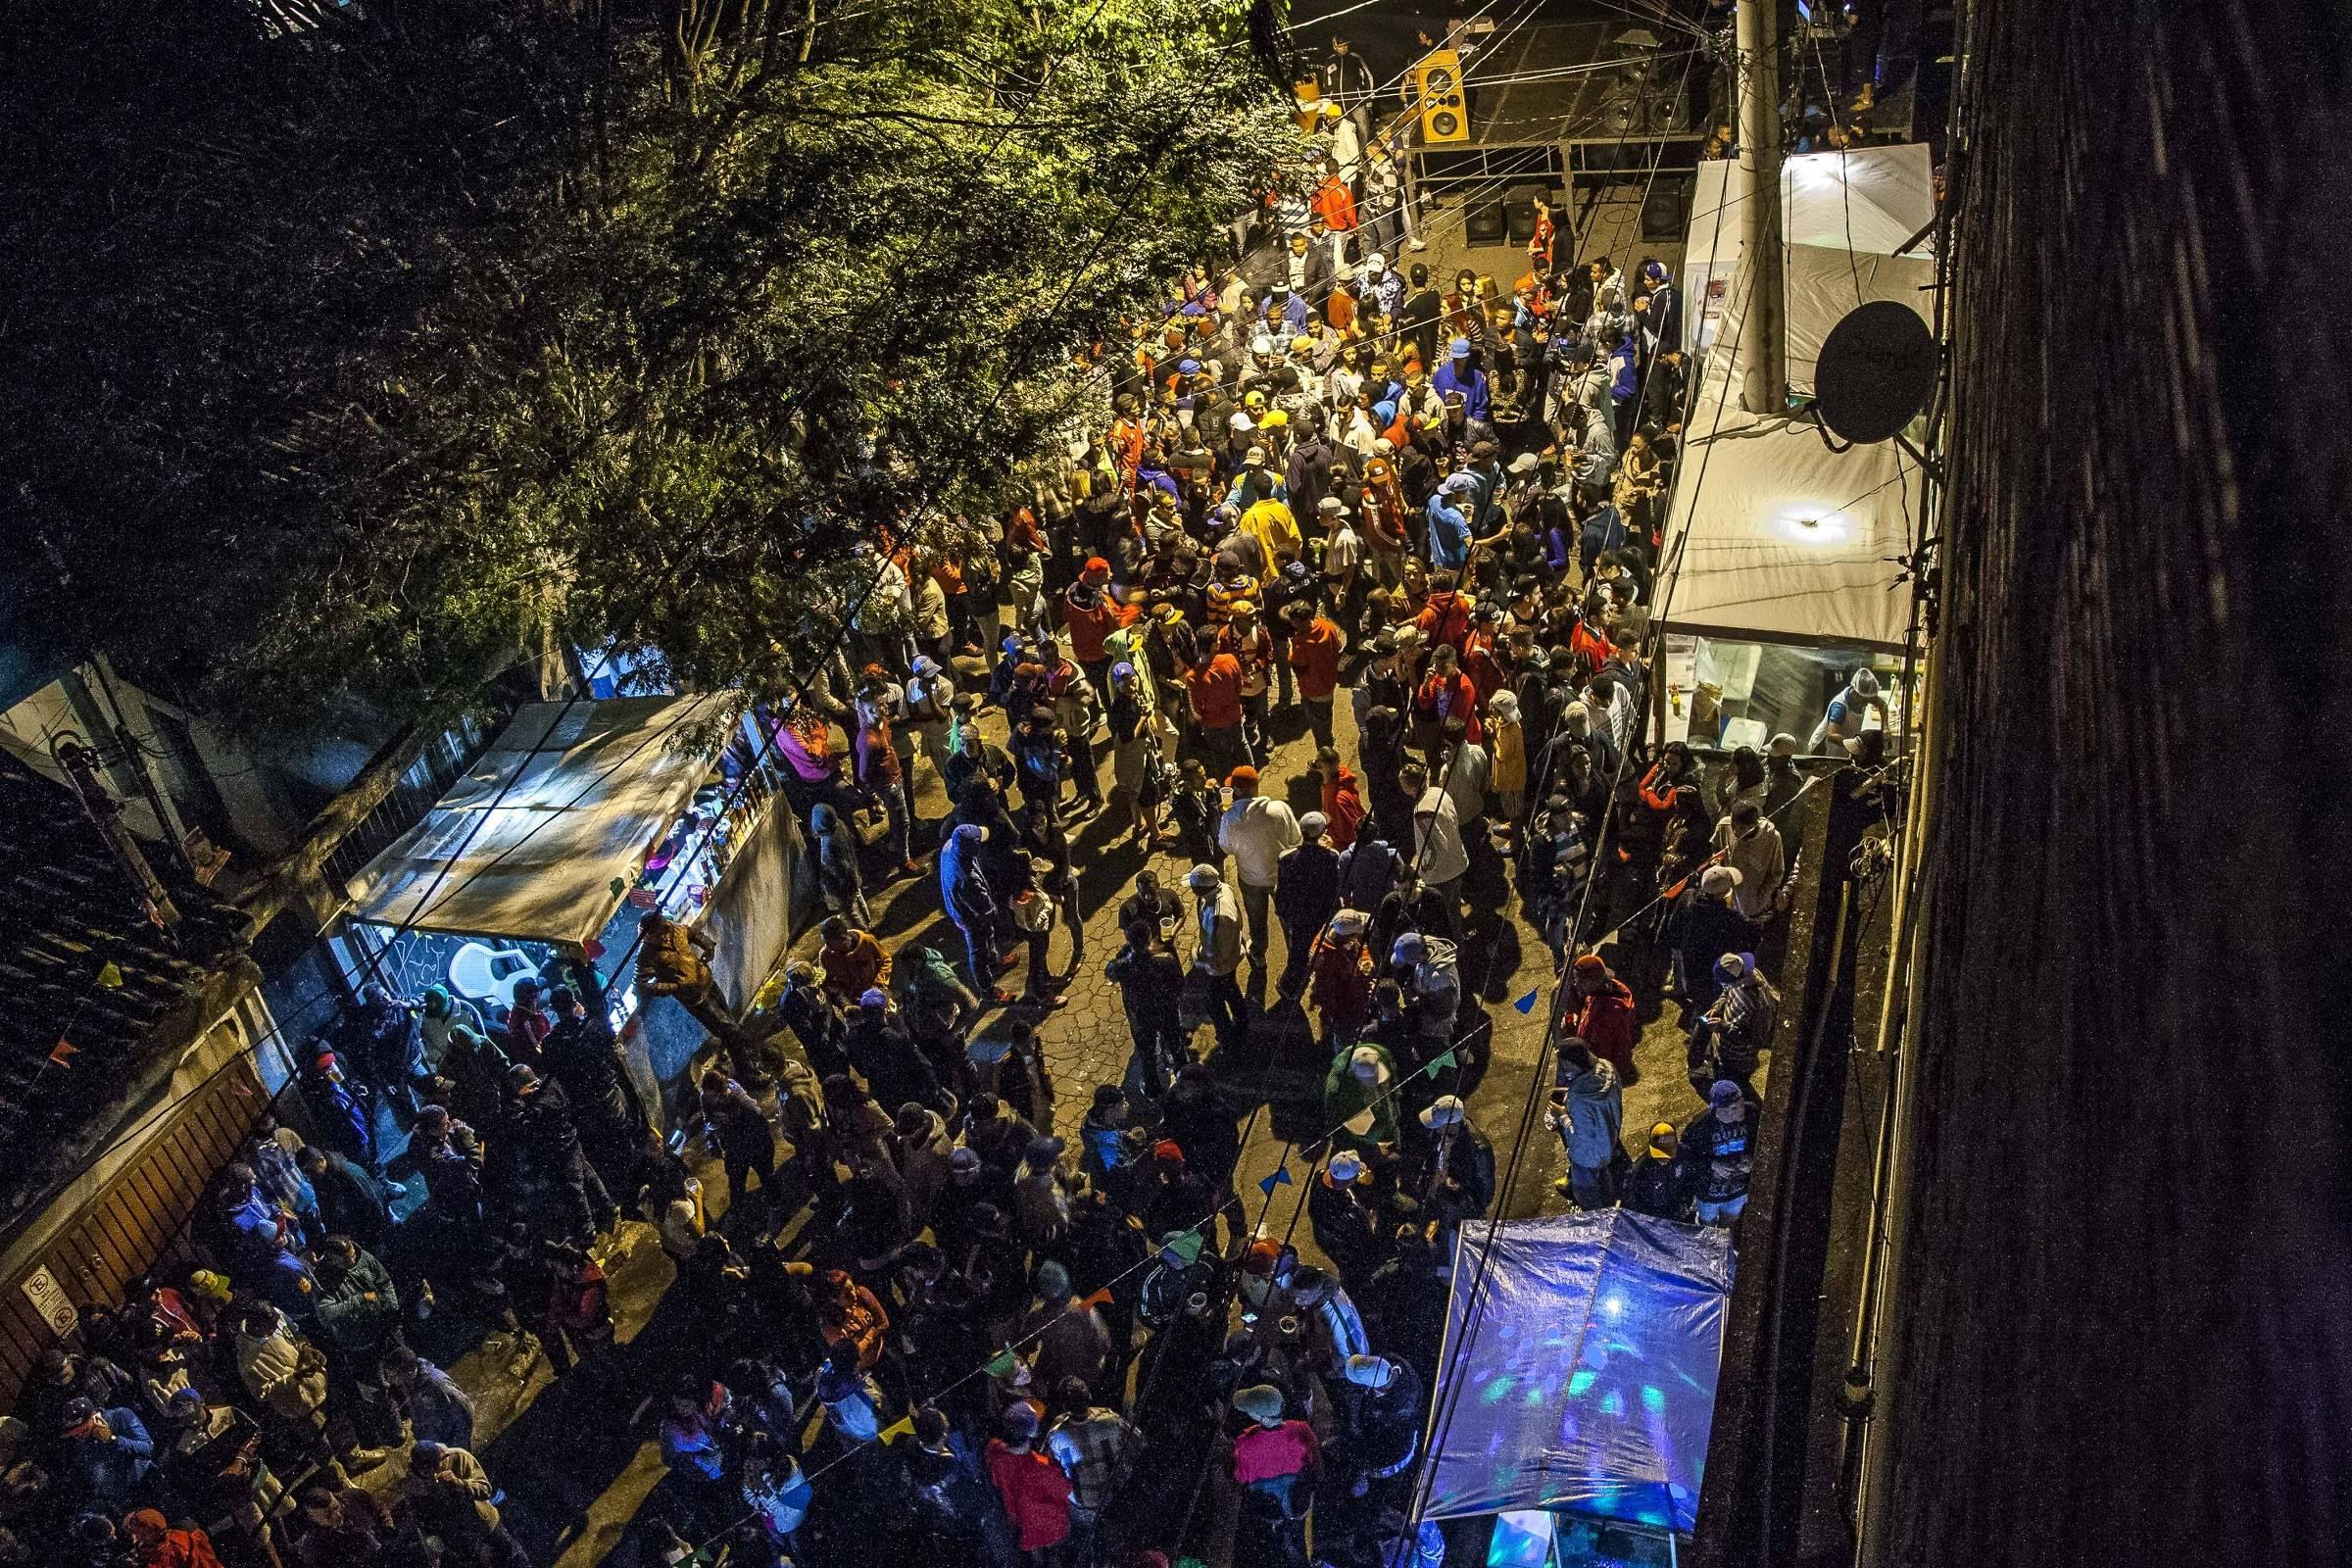 Frequentadores de bailes funk dizem que vão a festas sem estrutura atrás de diversão